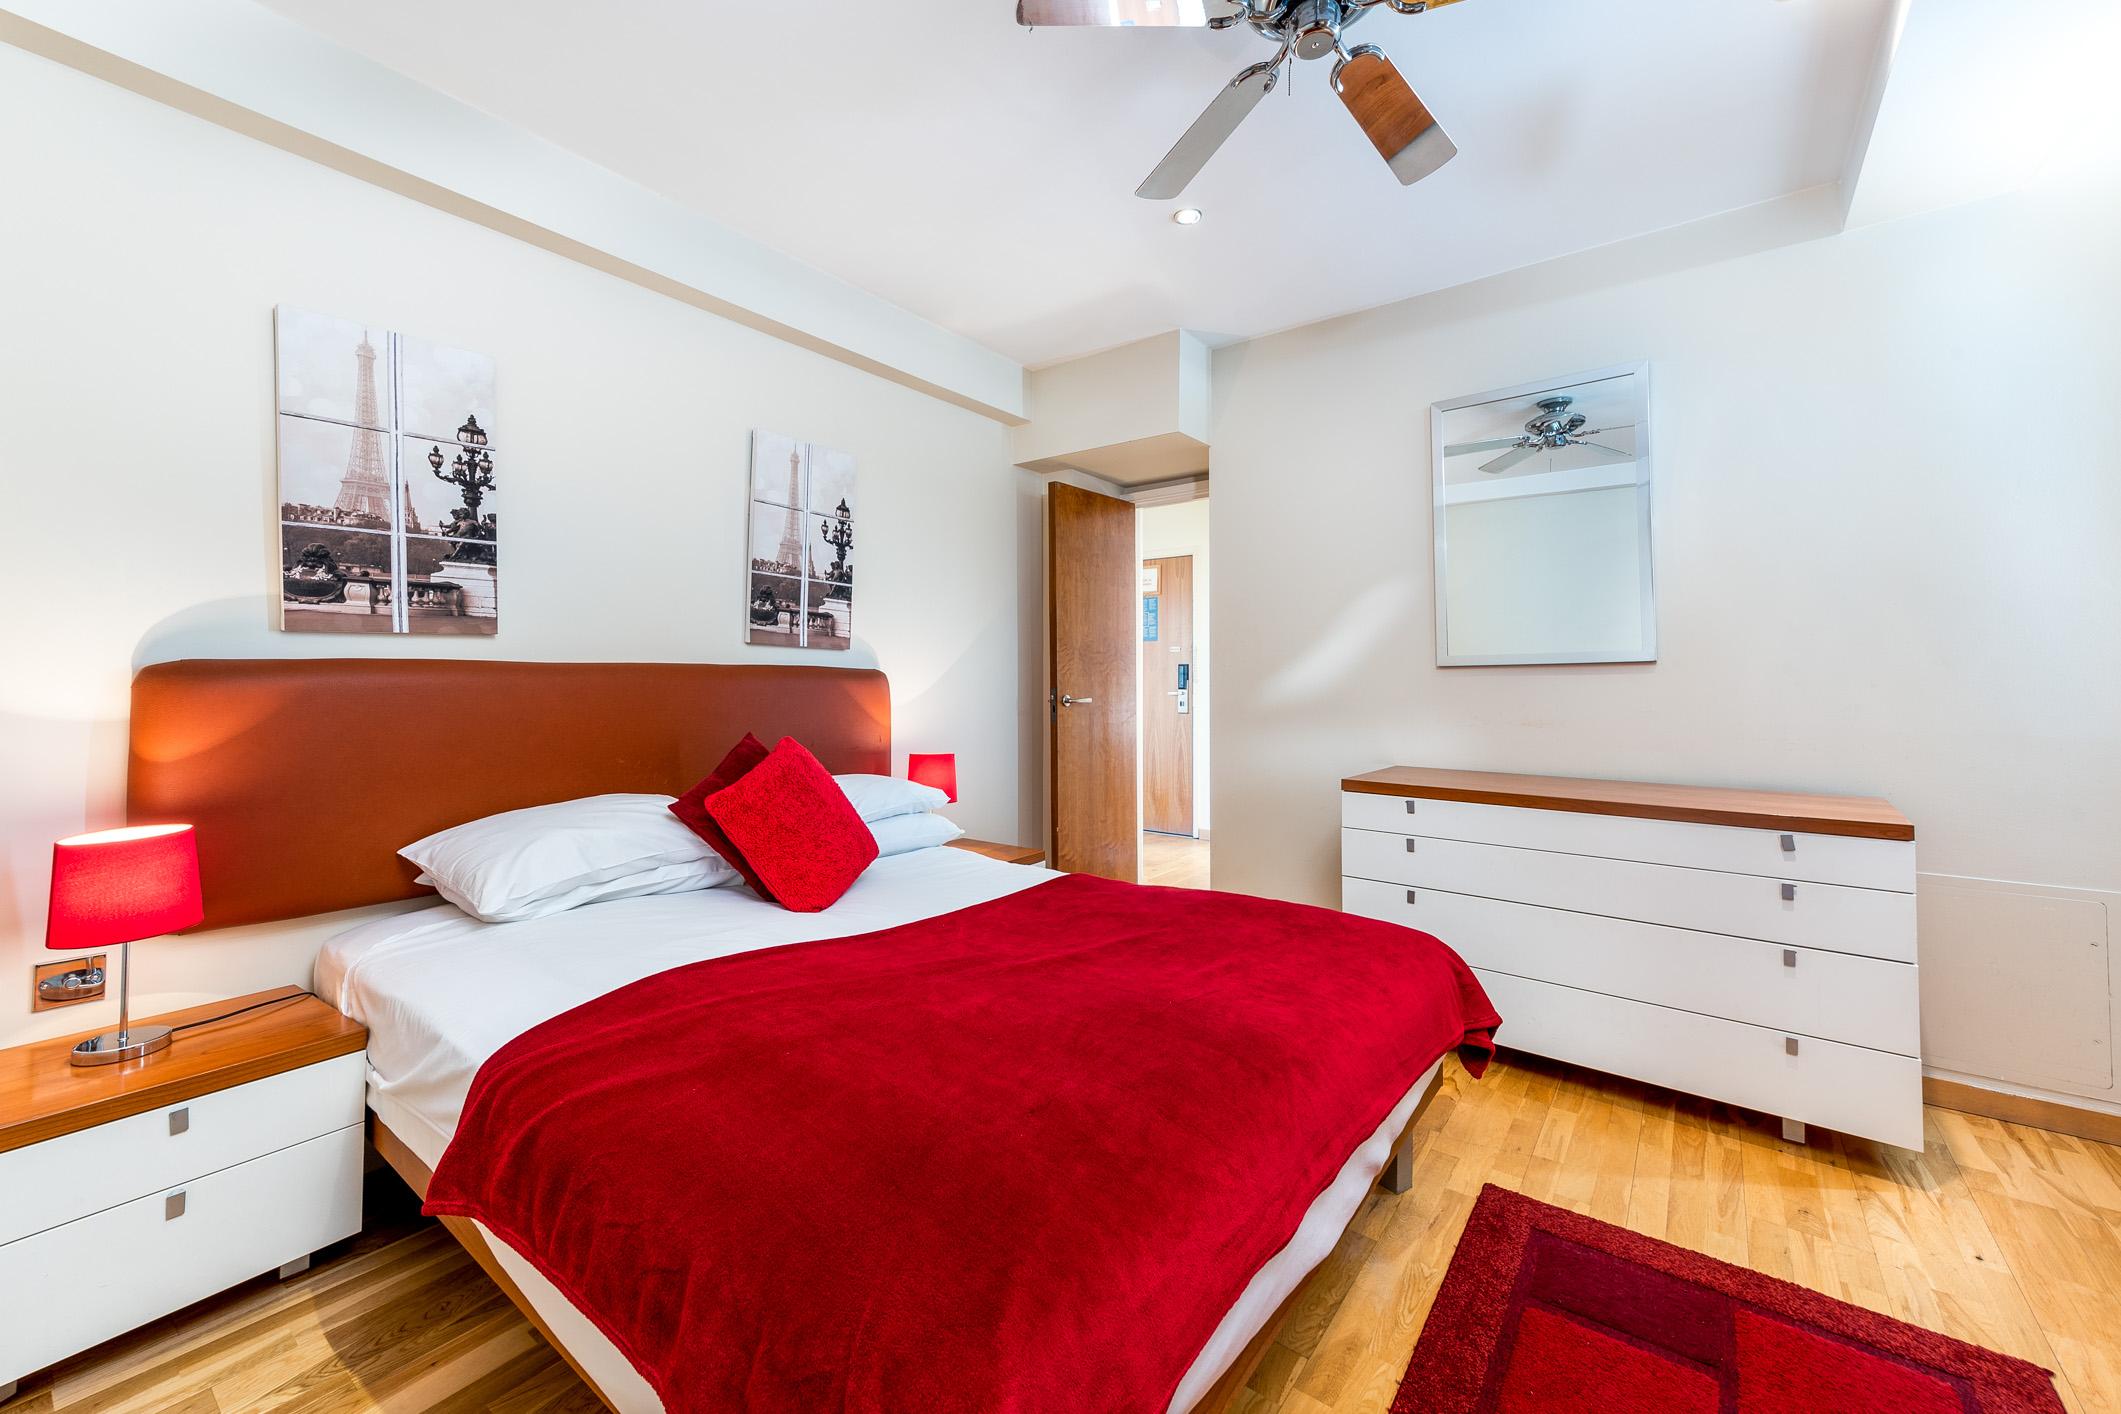 2 Bed9 copy.jpg